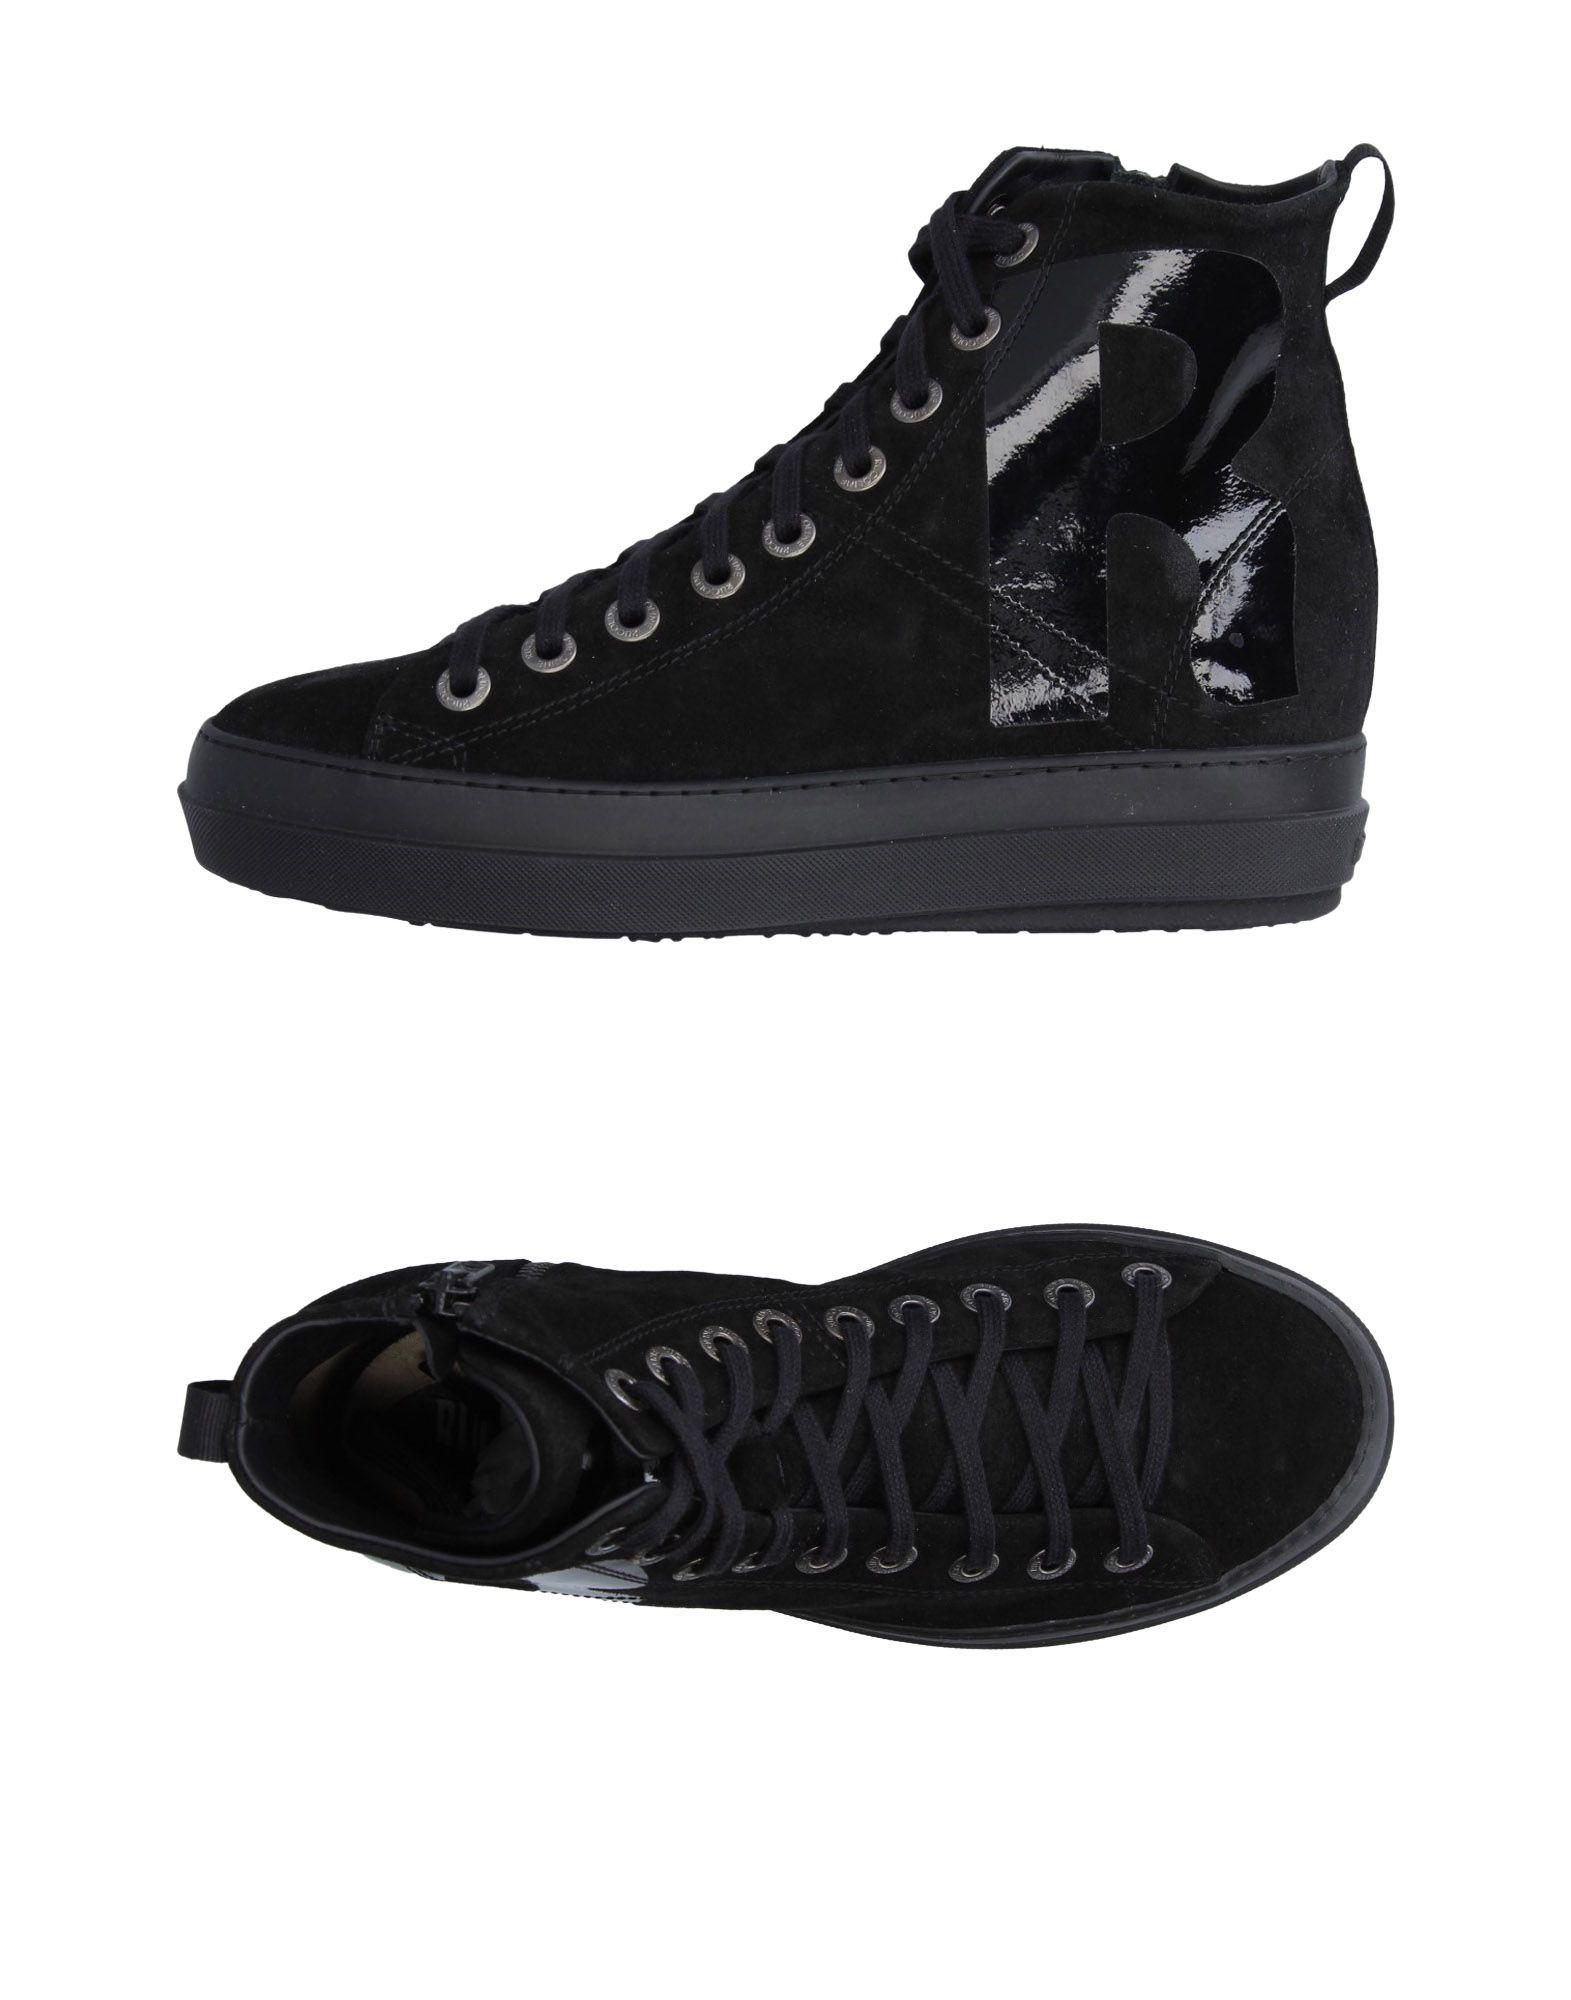 Ruco Line Sneakers Damen es Gutes Preis-Leistungs-Verhältnis, es Damen lohnt sich 183c52